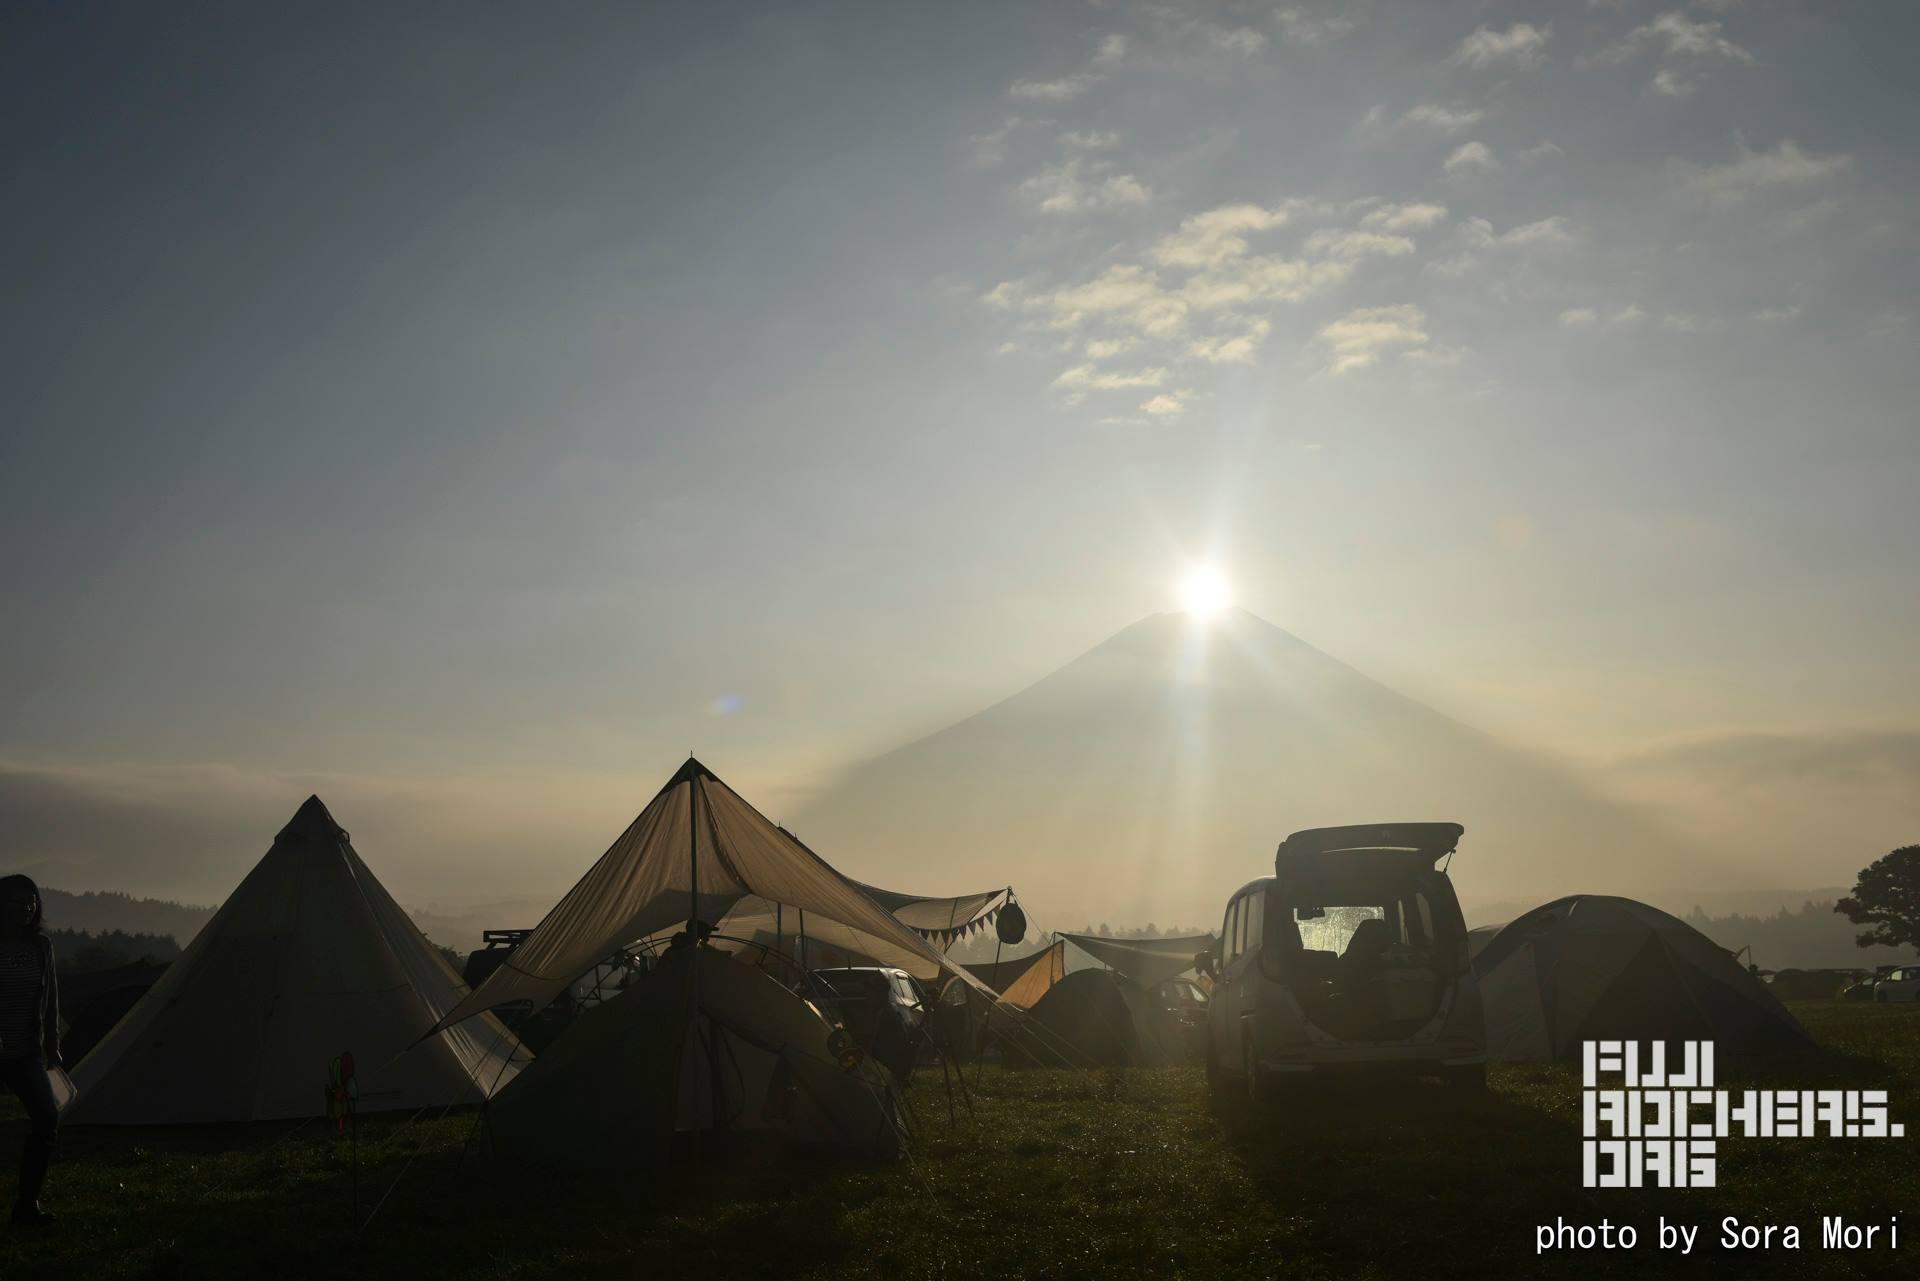 朝霧JAM 2017 | 笑顔と、緩やかな熱さあふれる2日間